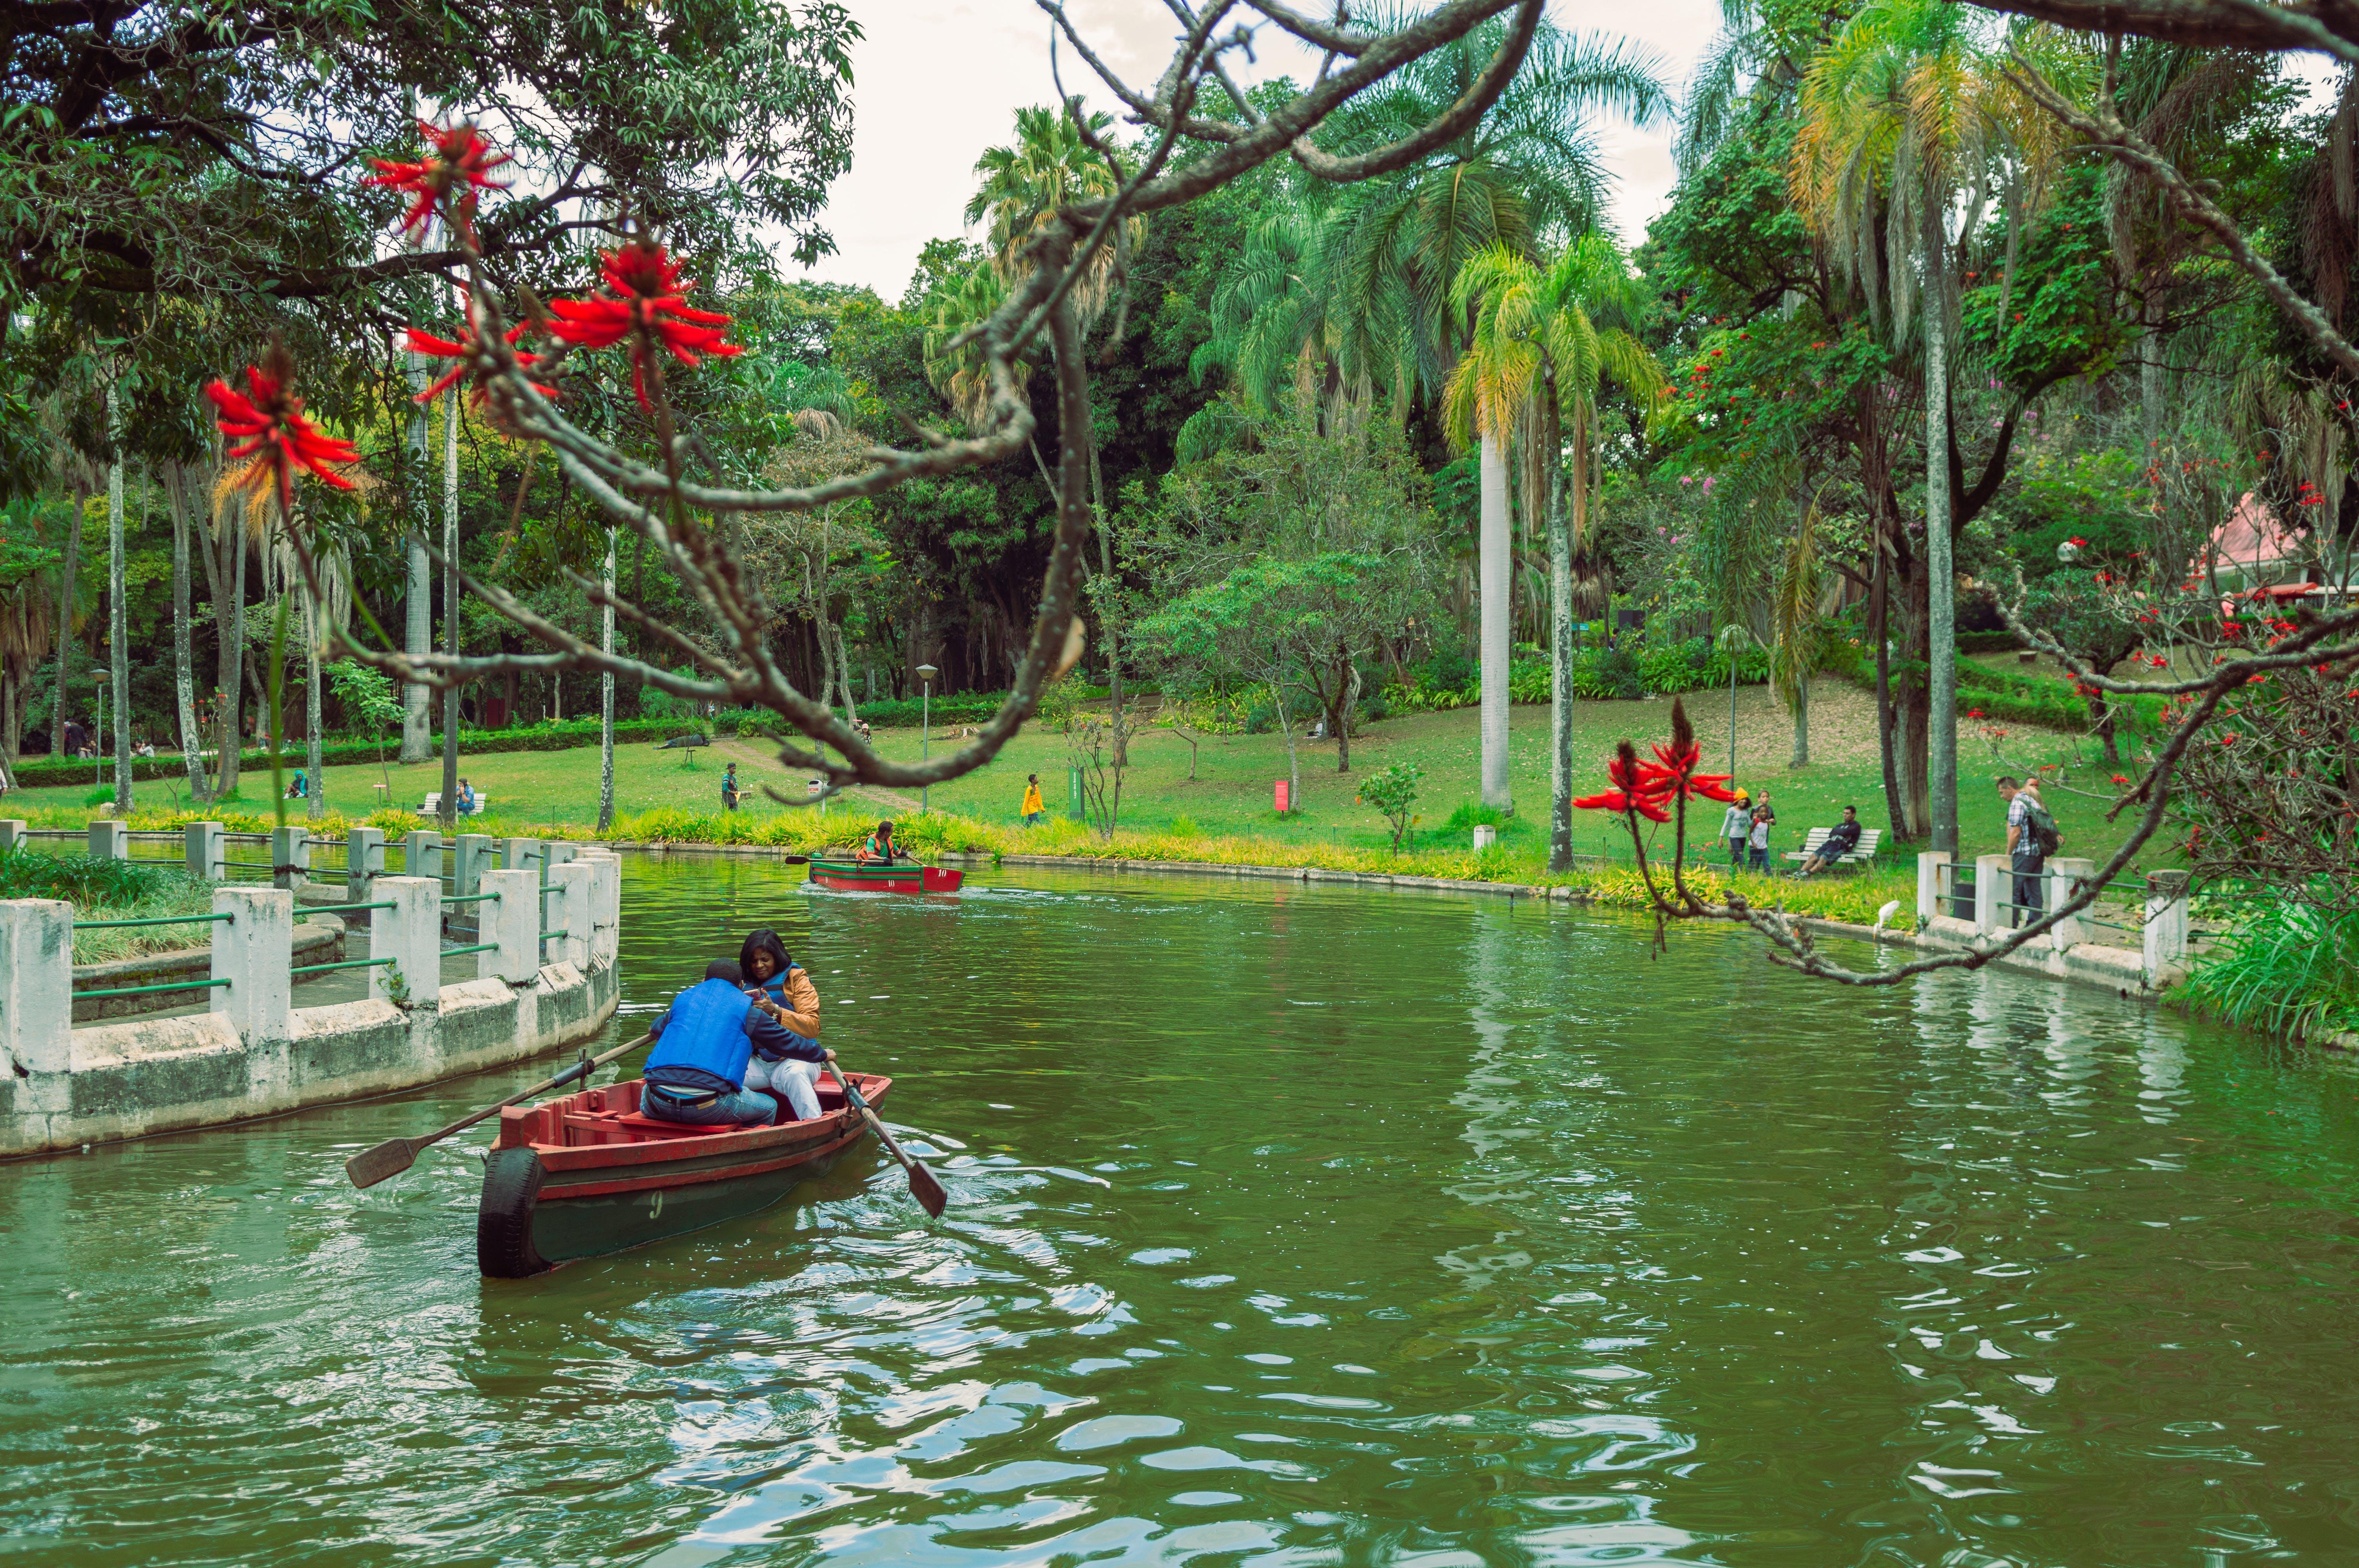 Foto d'estoc gratuïta de arbre verd, arbres, barca, canoa